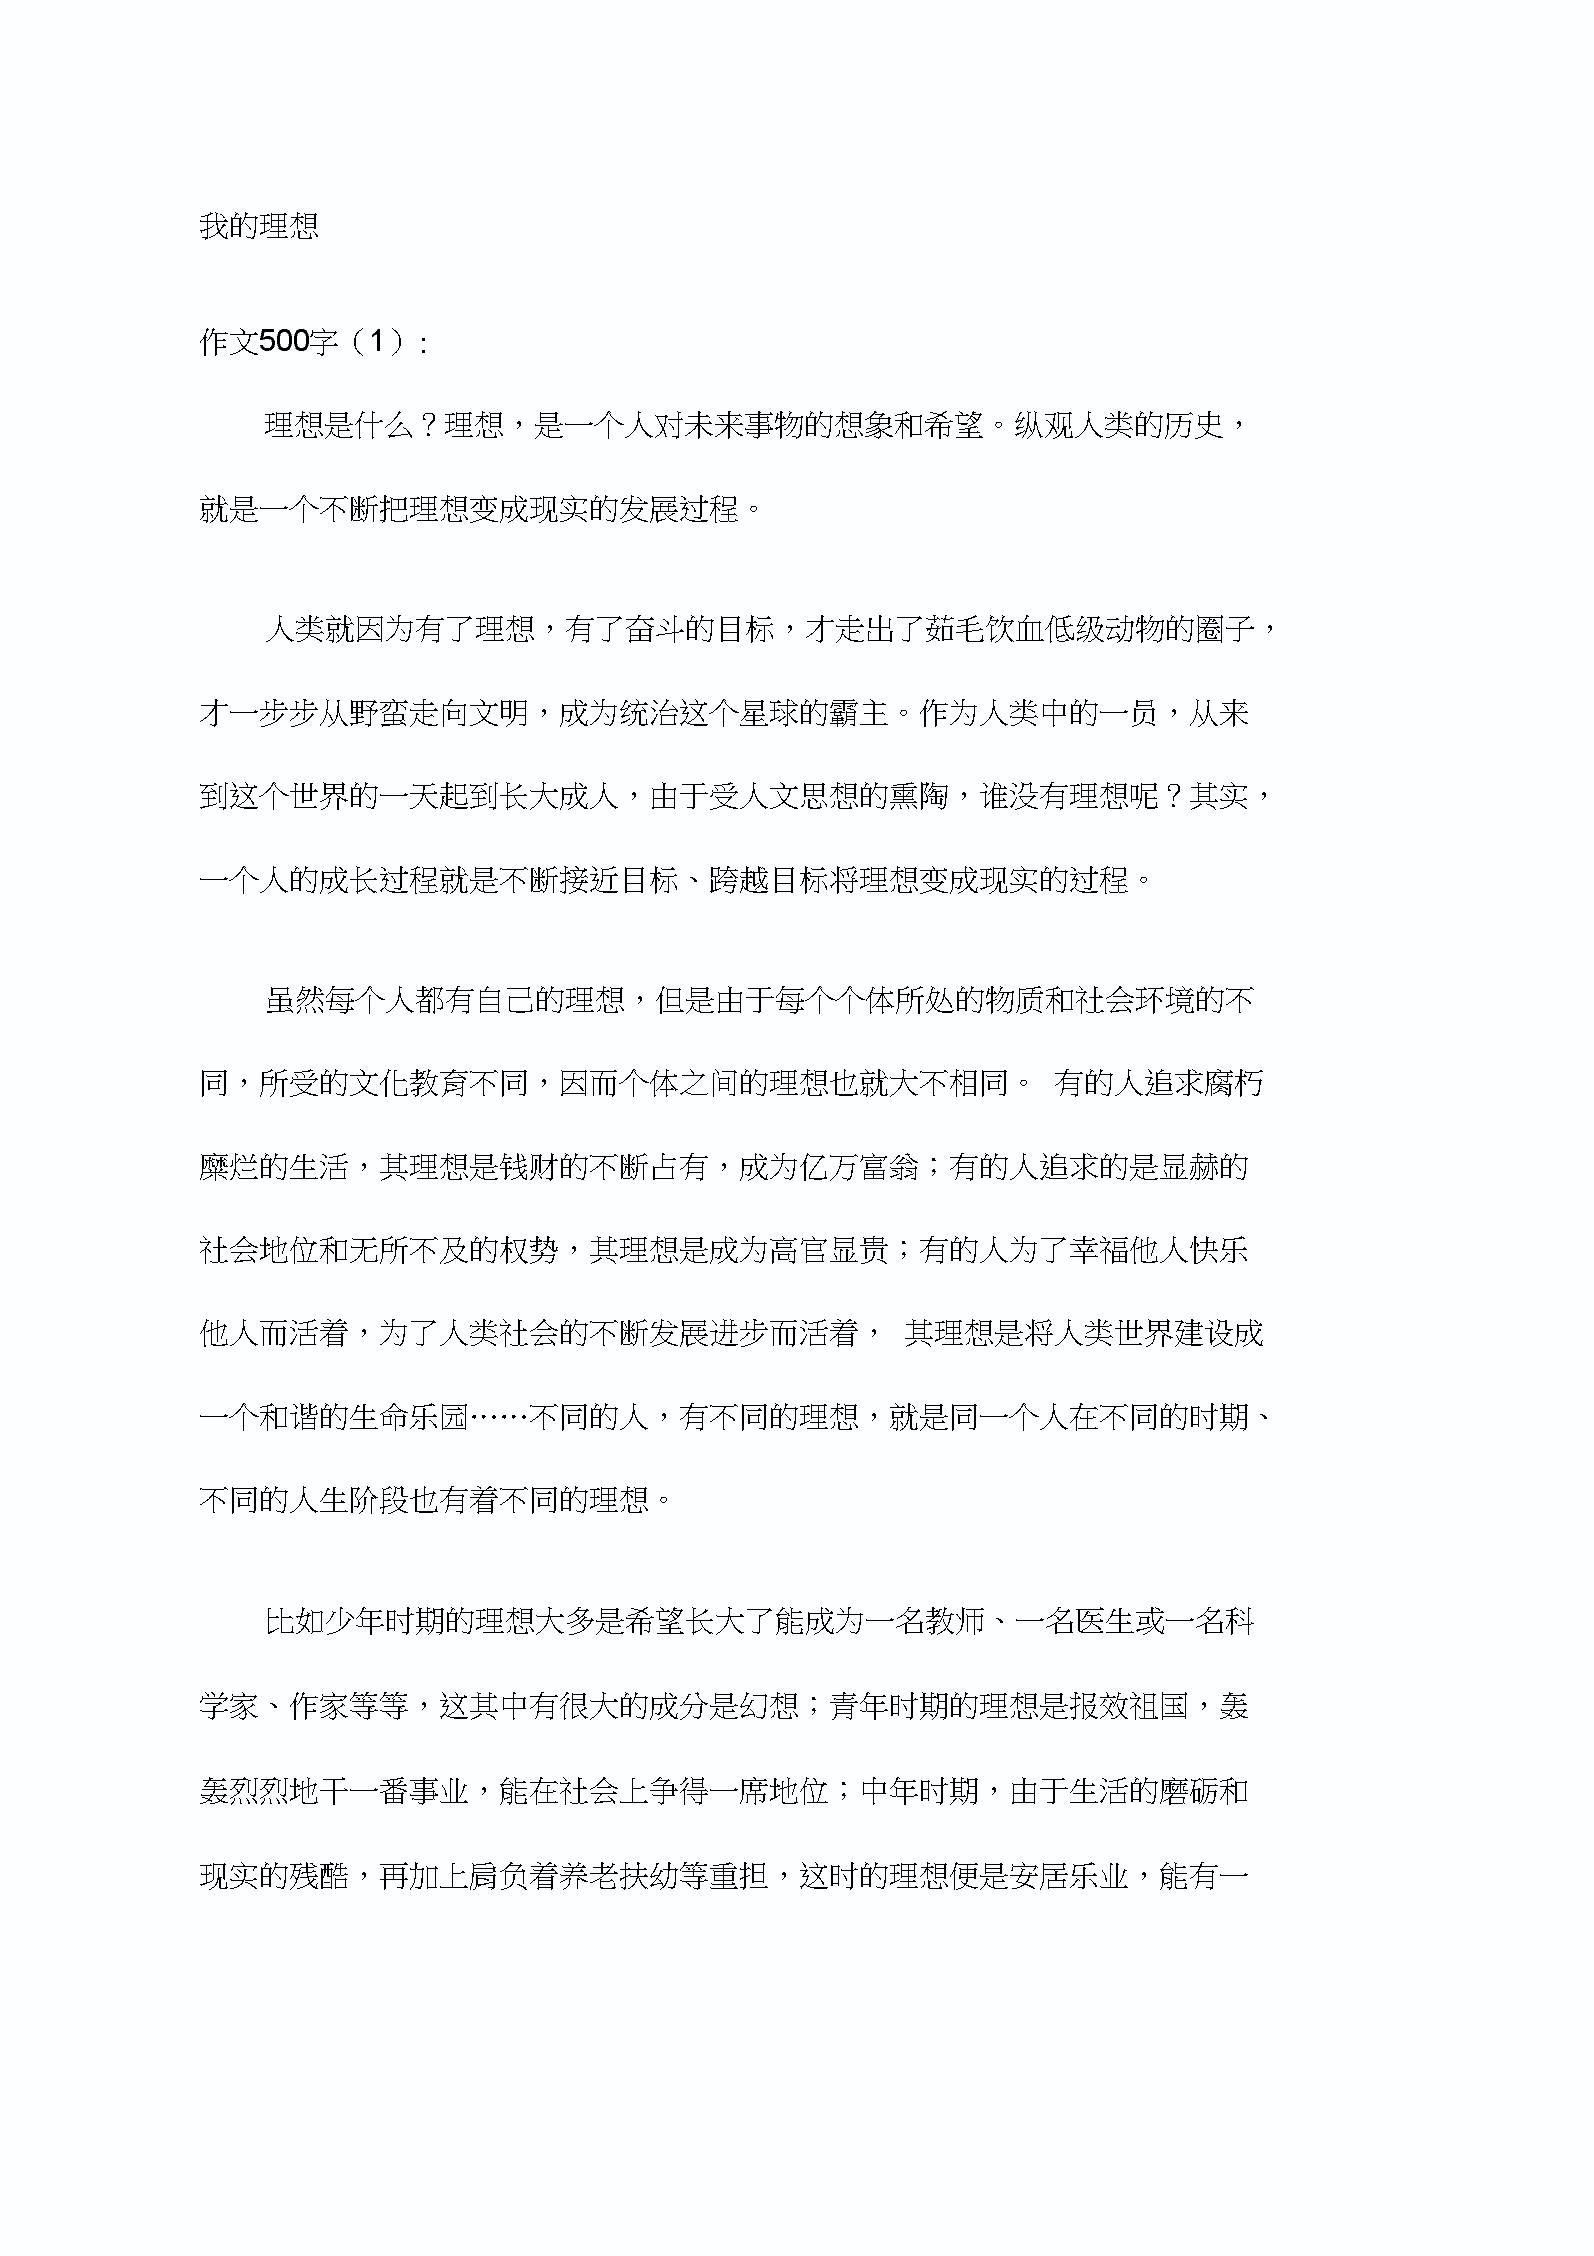 我的理想(作文13篇).docx